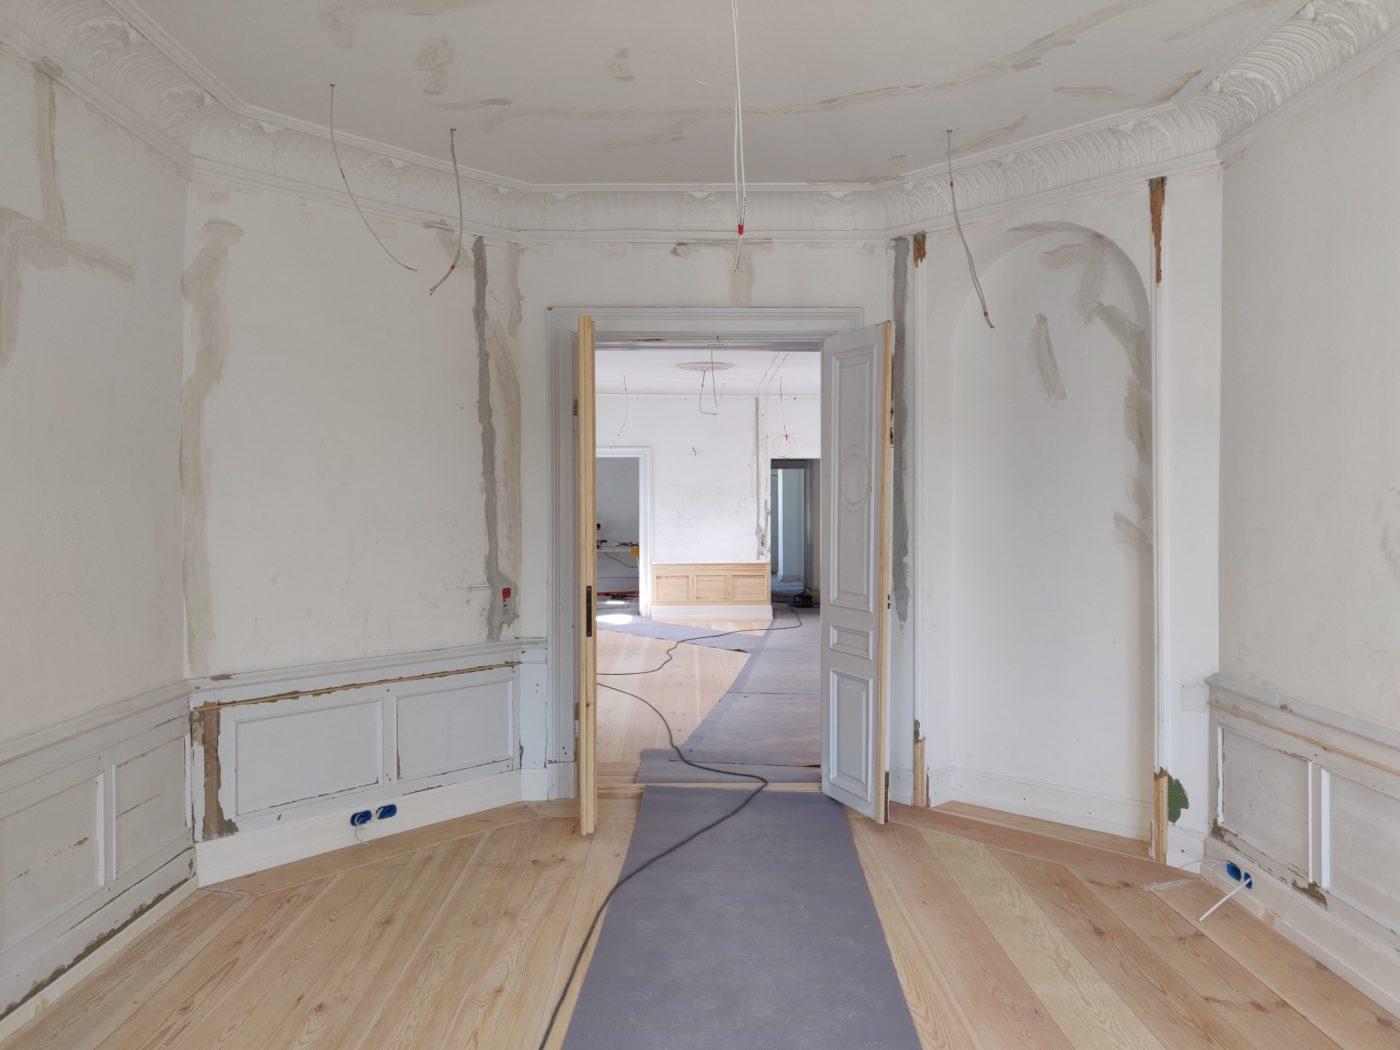 Frederiksgade 11 Copenhagen interior during restoration Elgaard Architecture